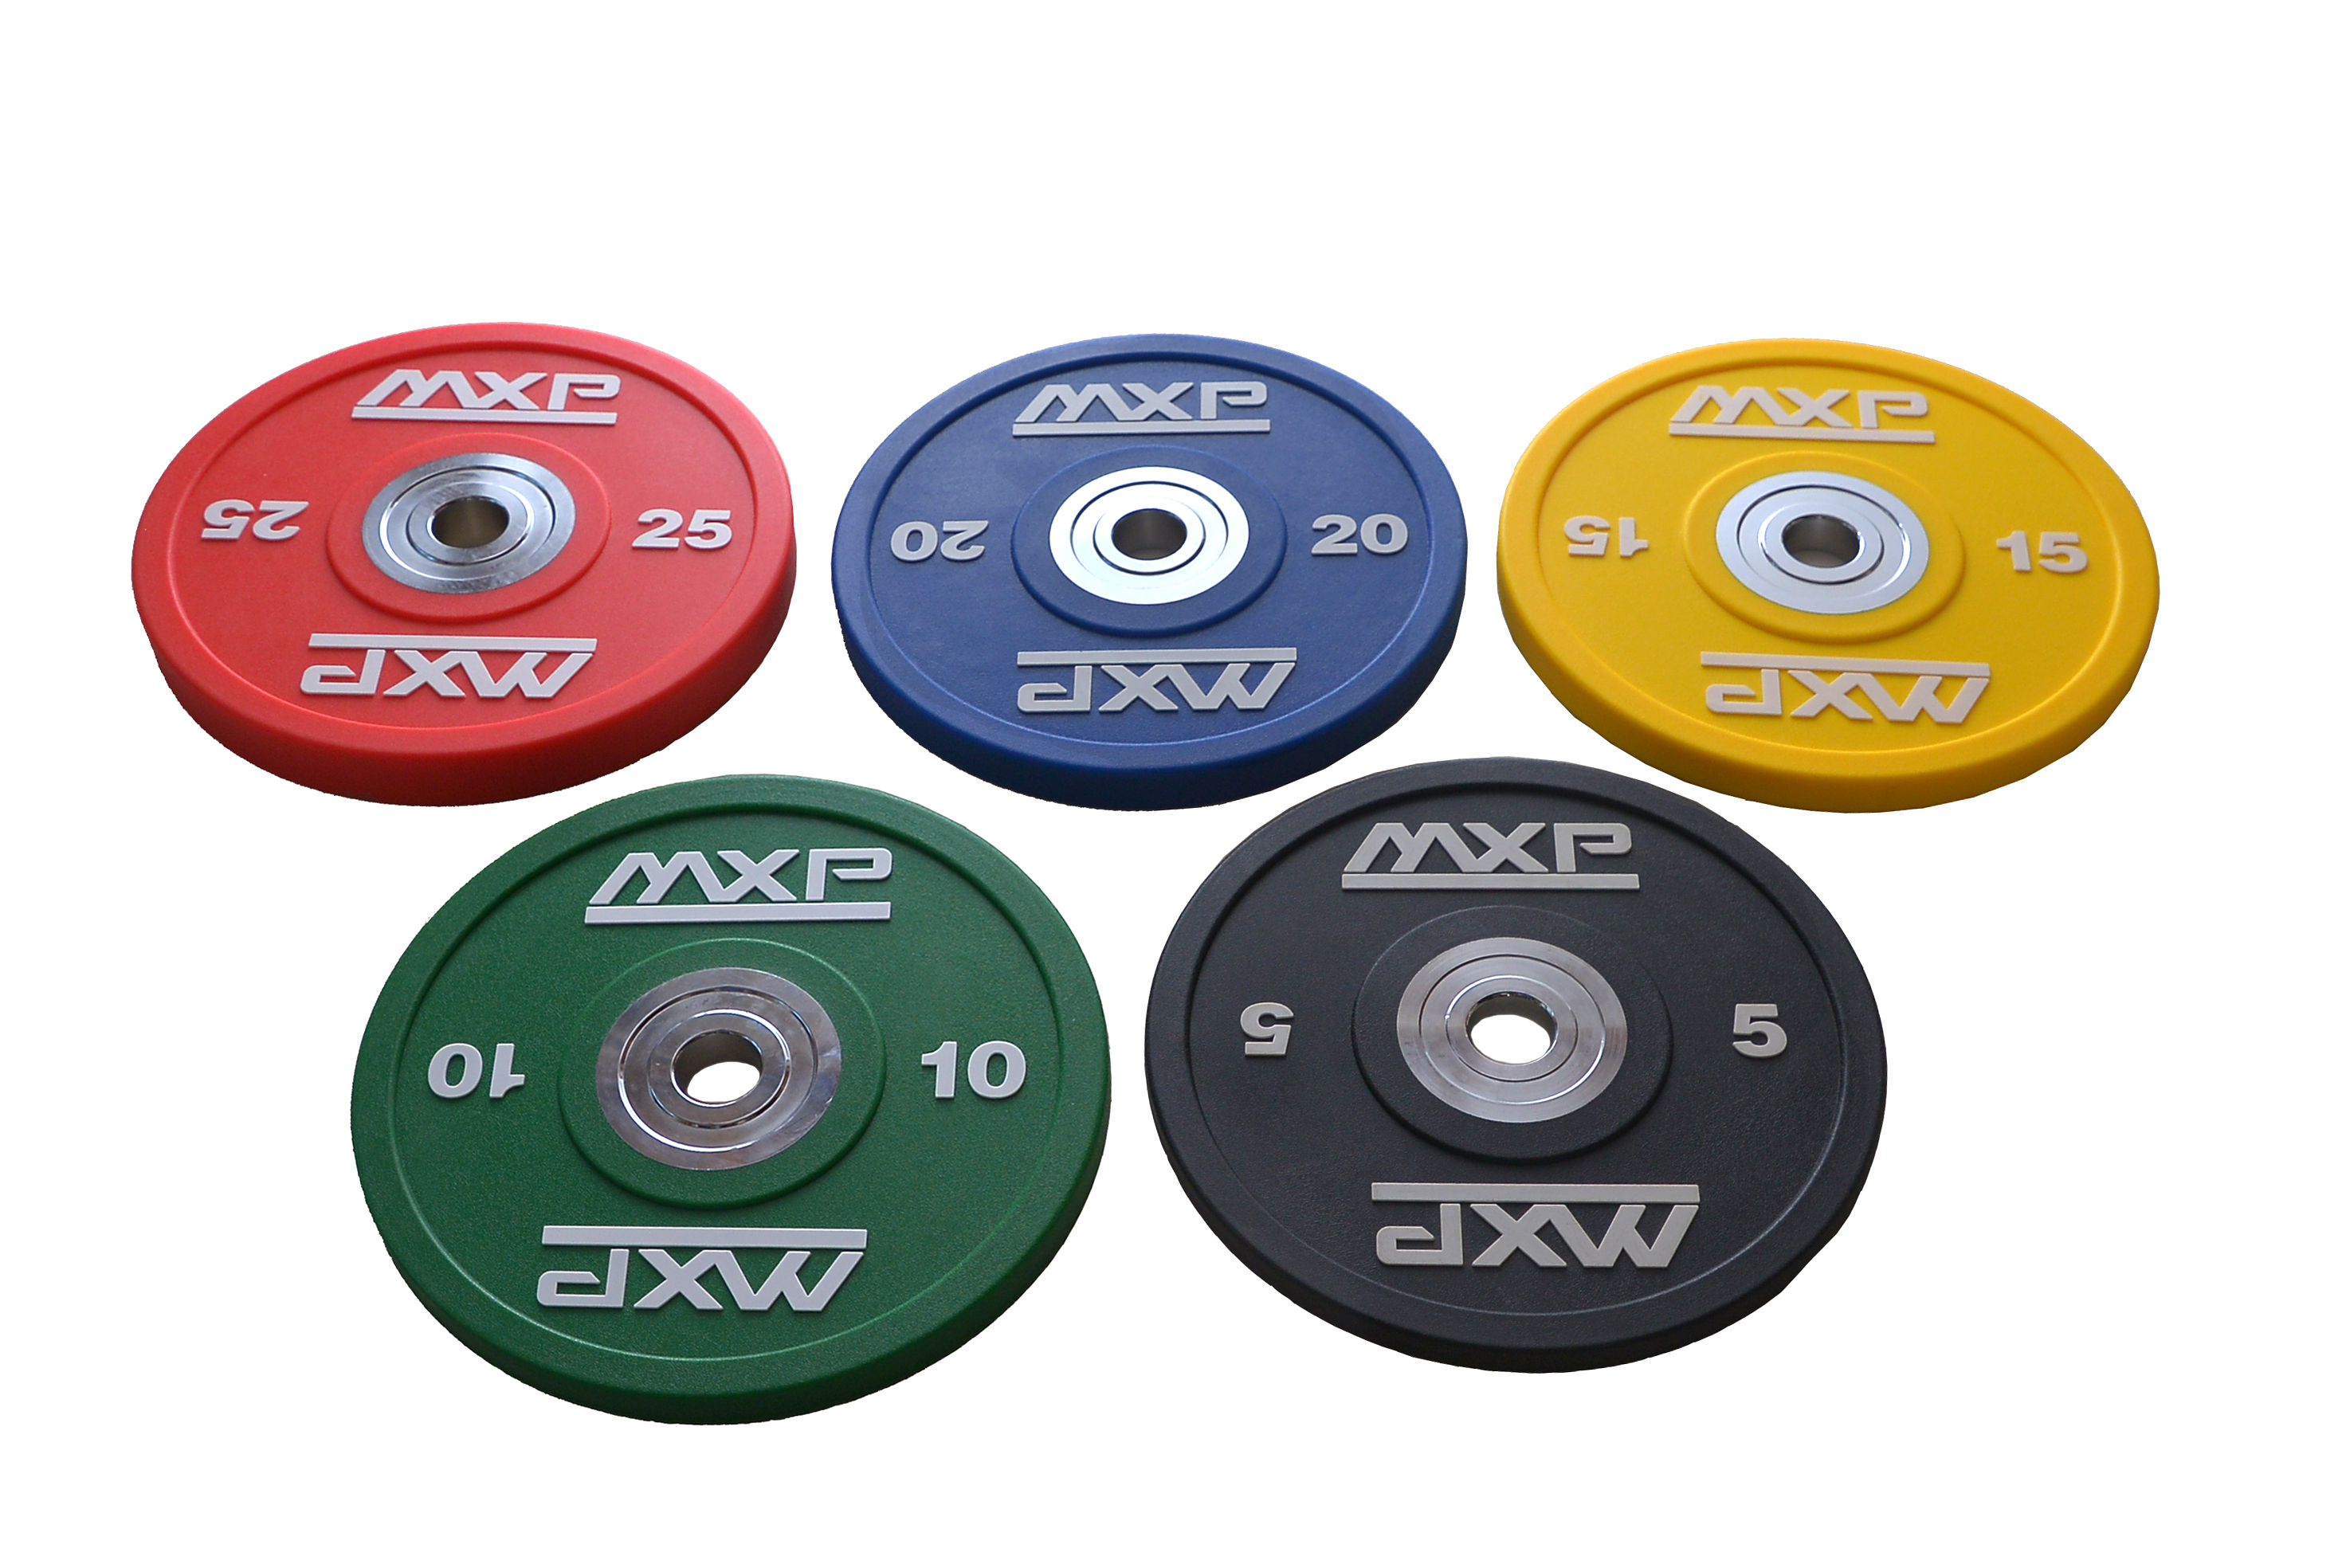 Kotouč Bumper Plate CrossGym - 15 kg